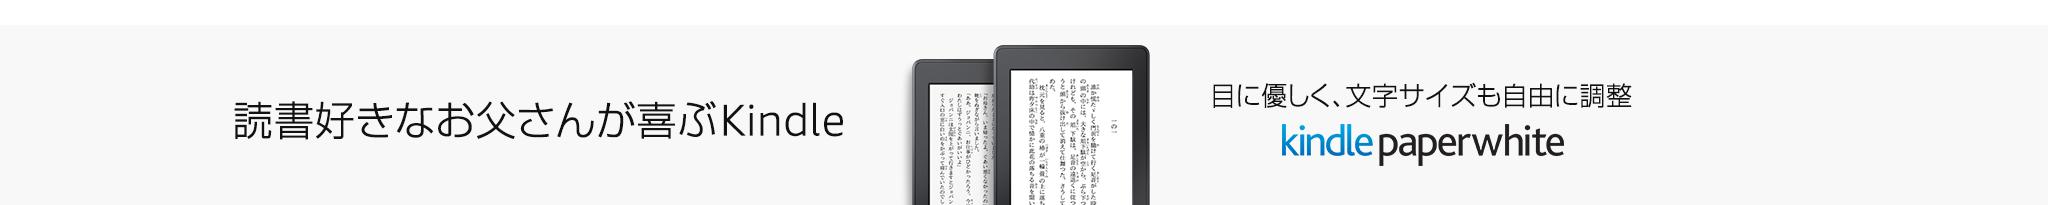 読書好きなお父さんが喜ぶKindle 目に優しく、文字サイズも自由に調整